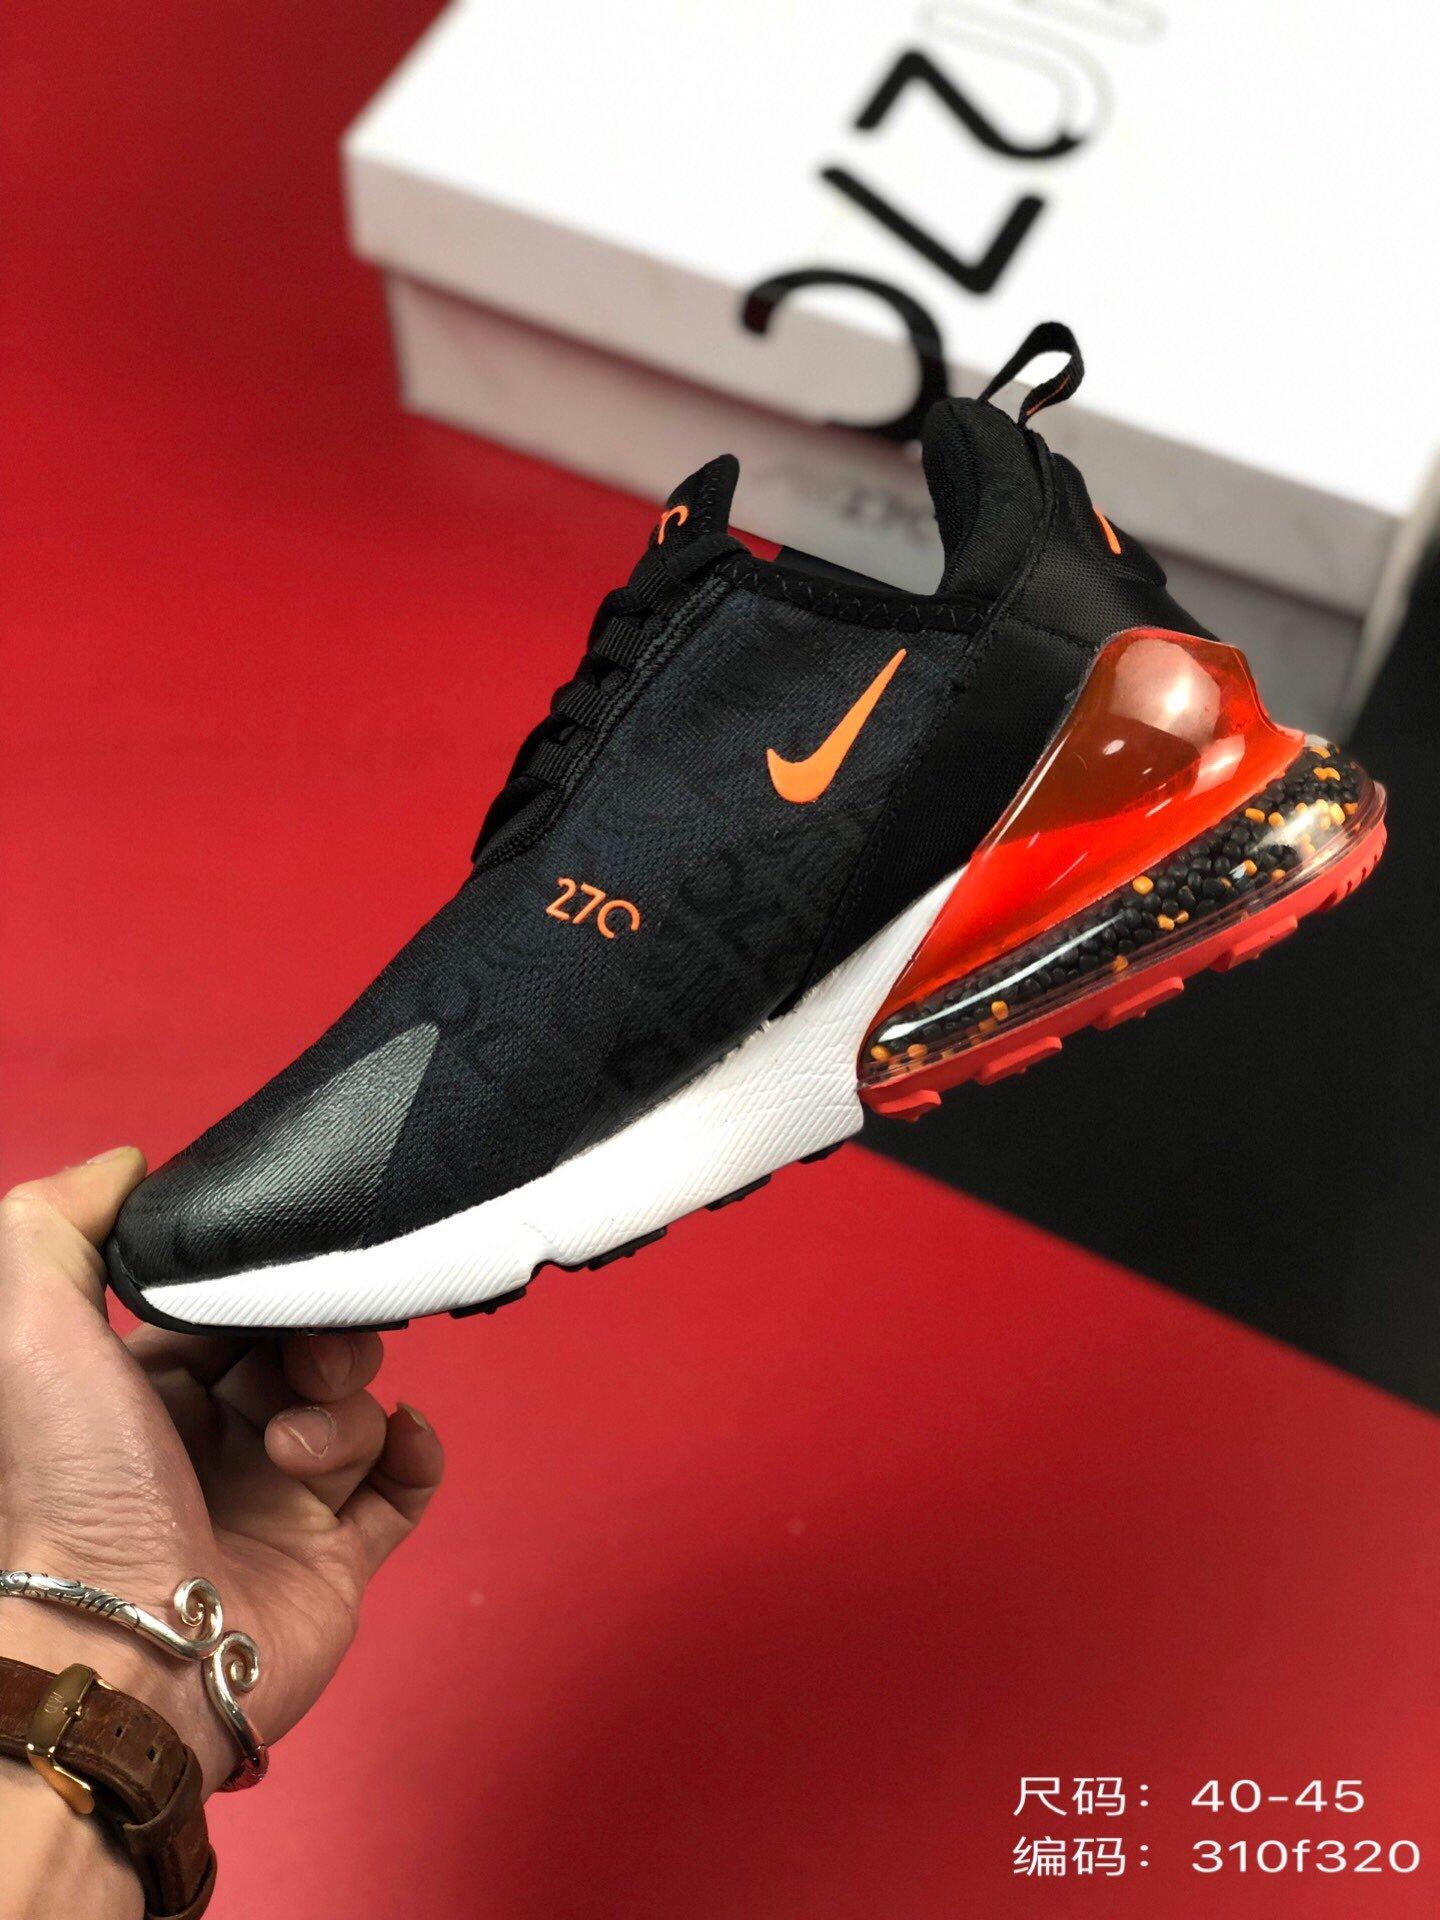 💰230尺码:40-45品牌:耐克 Nike 简介:Nike Air Max 270 2019官方同步新品 高频字母透视织布 后置真气垫跑步鞋编码: 310f320